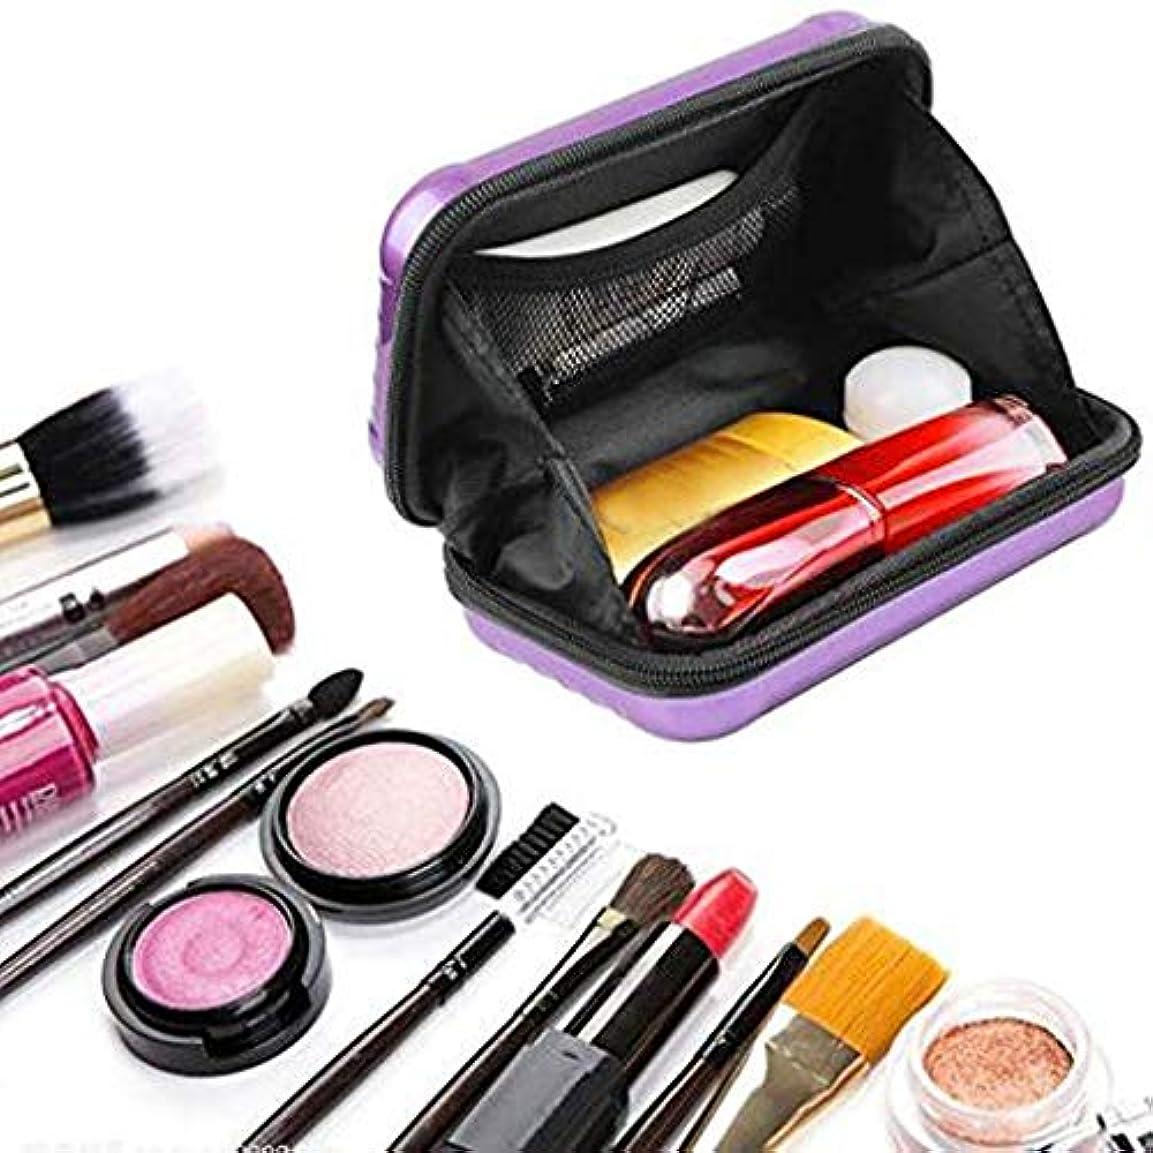 行うディンカルビルロックミニポータブル旅行化粧品バッグ、女性のための防水/クラッシュ防止化粧バッグ、スーツケース化粧品ハンドバッグ (紫の)